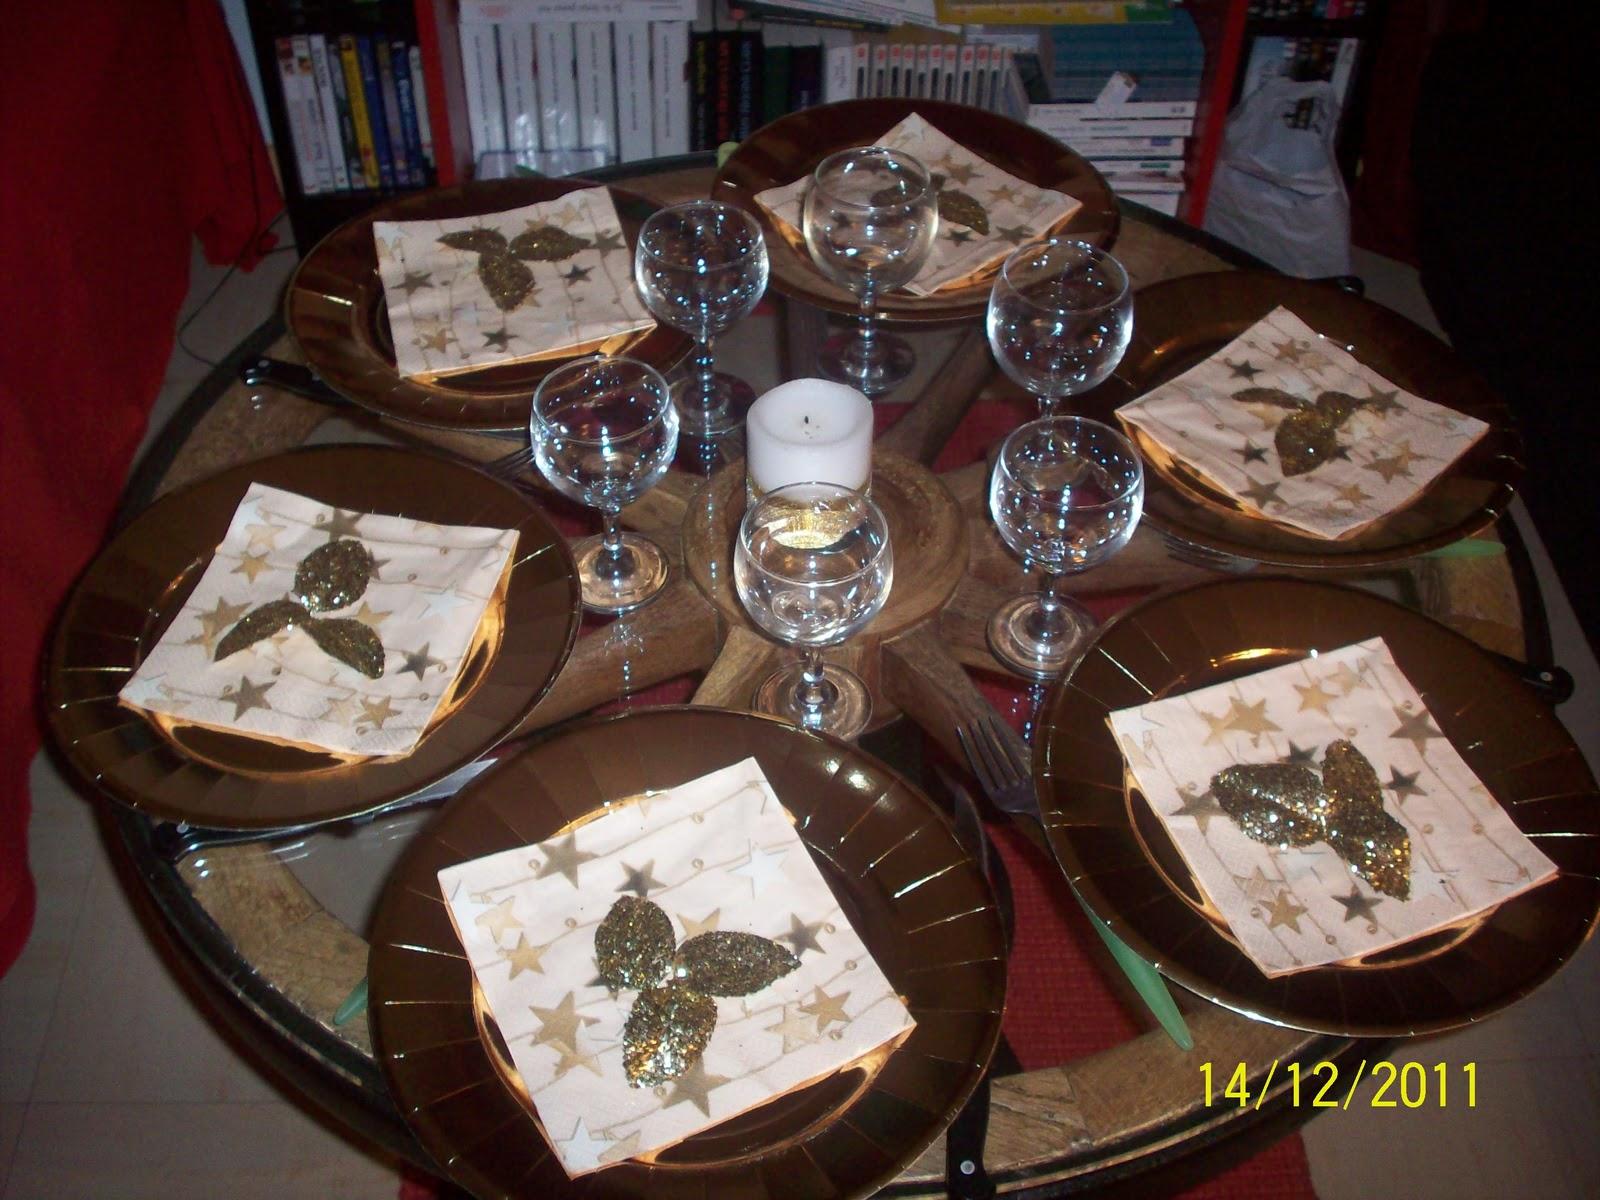 Mes petites r cr s d cembre 2011 for Decoration lumignon 8 decembre